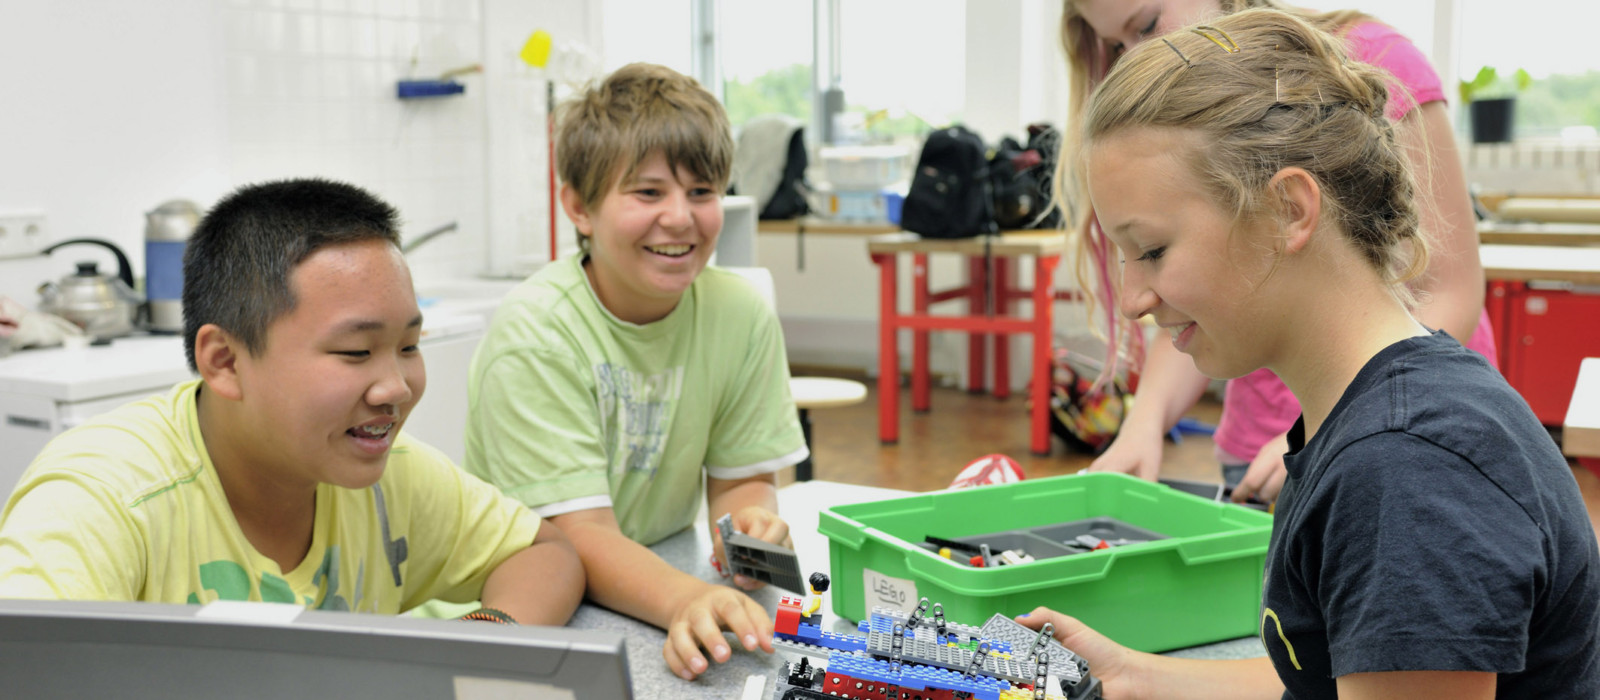 Kindergruppe beim Zusammenbauen eines technischen Gerätes mit Lego